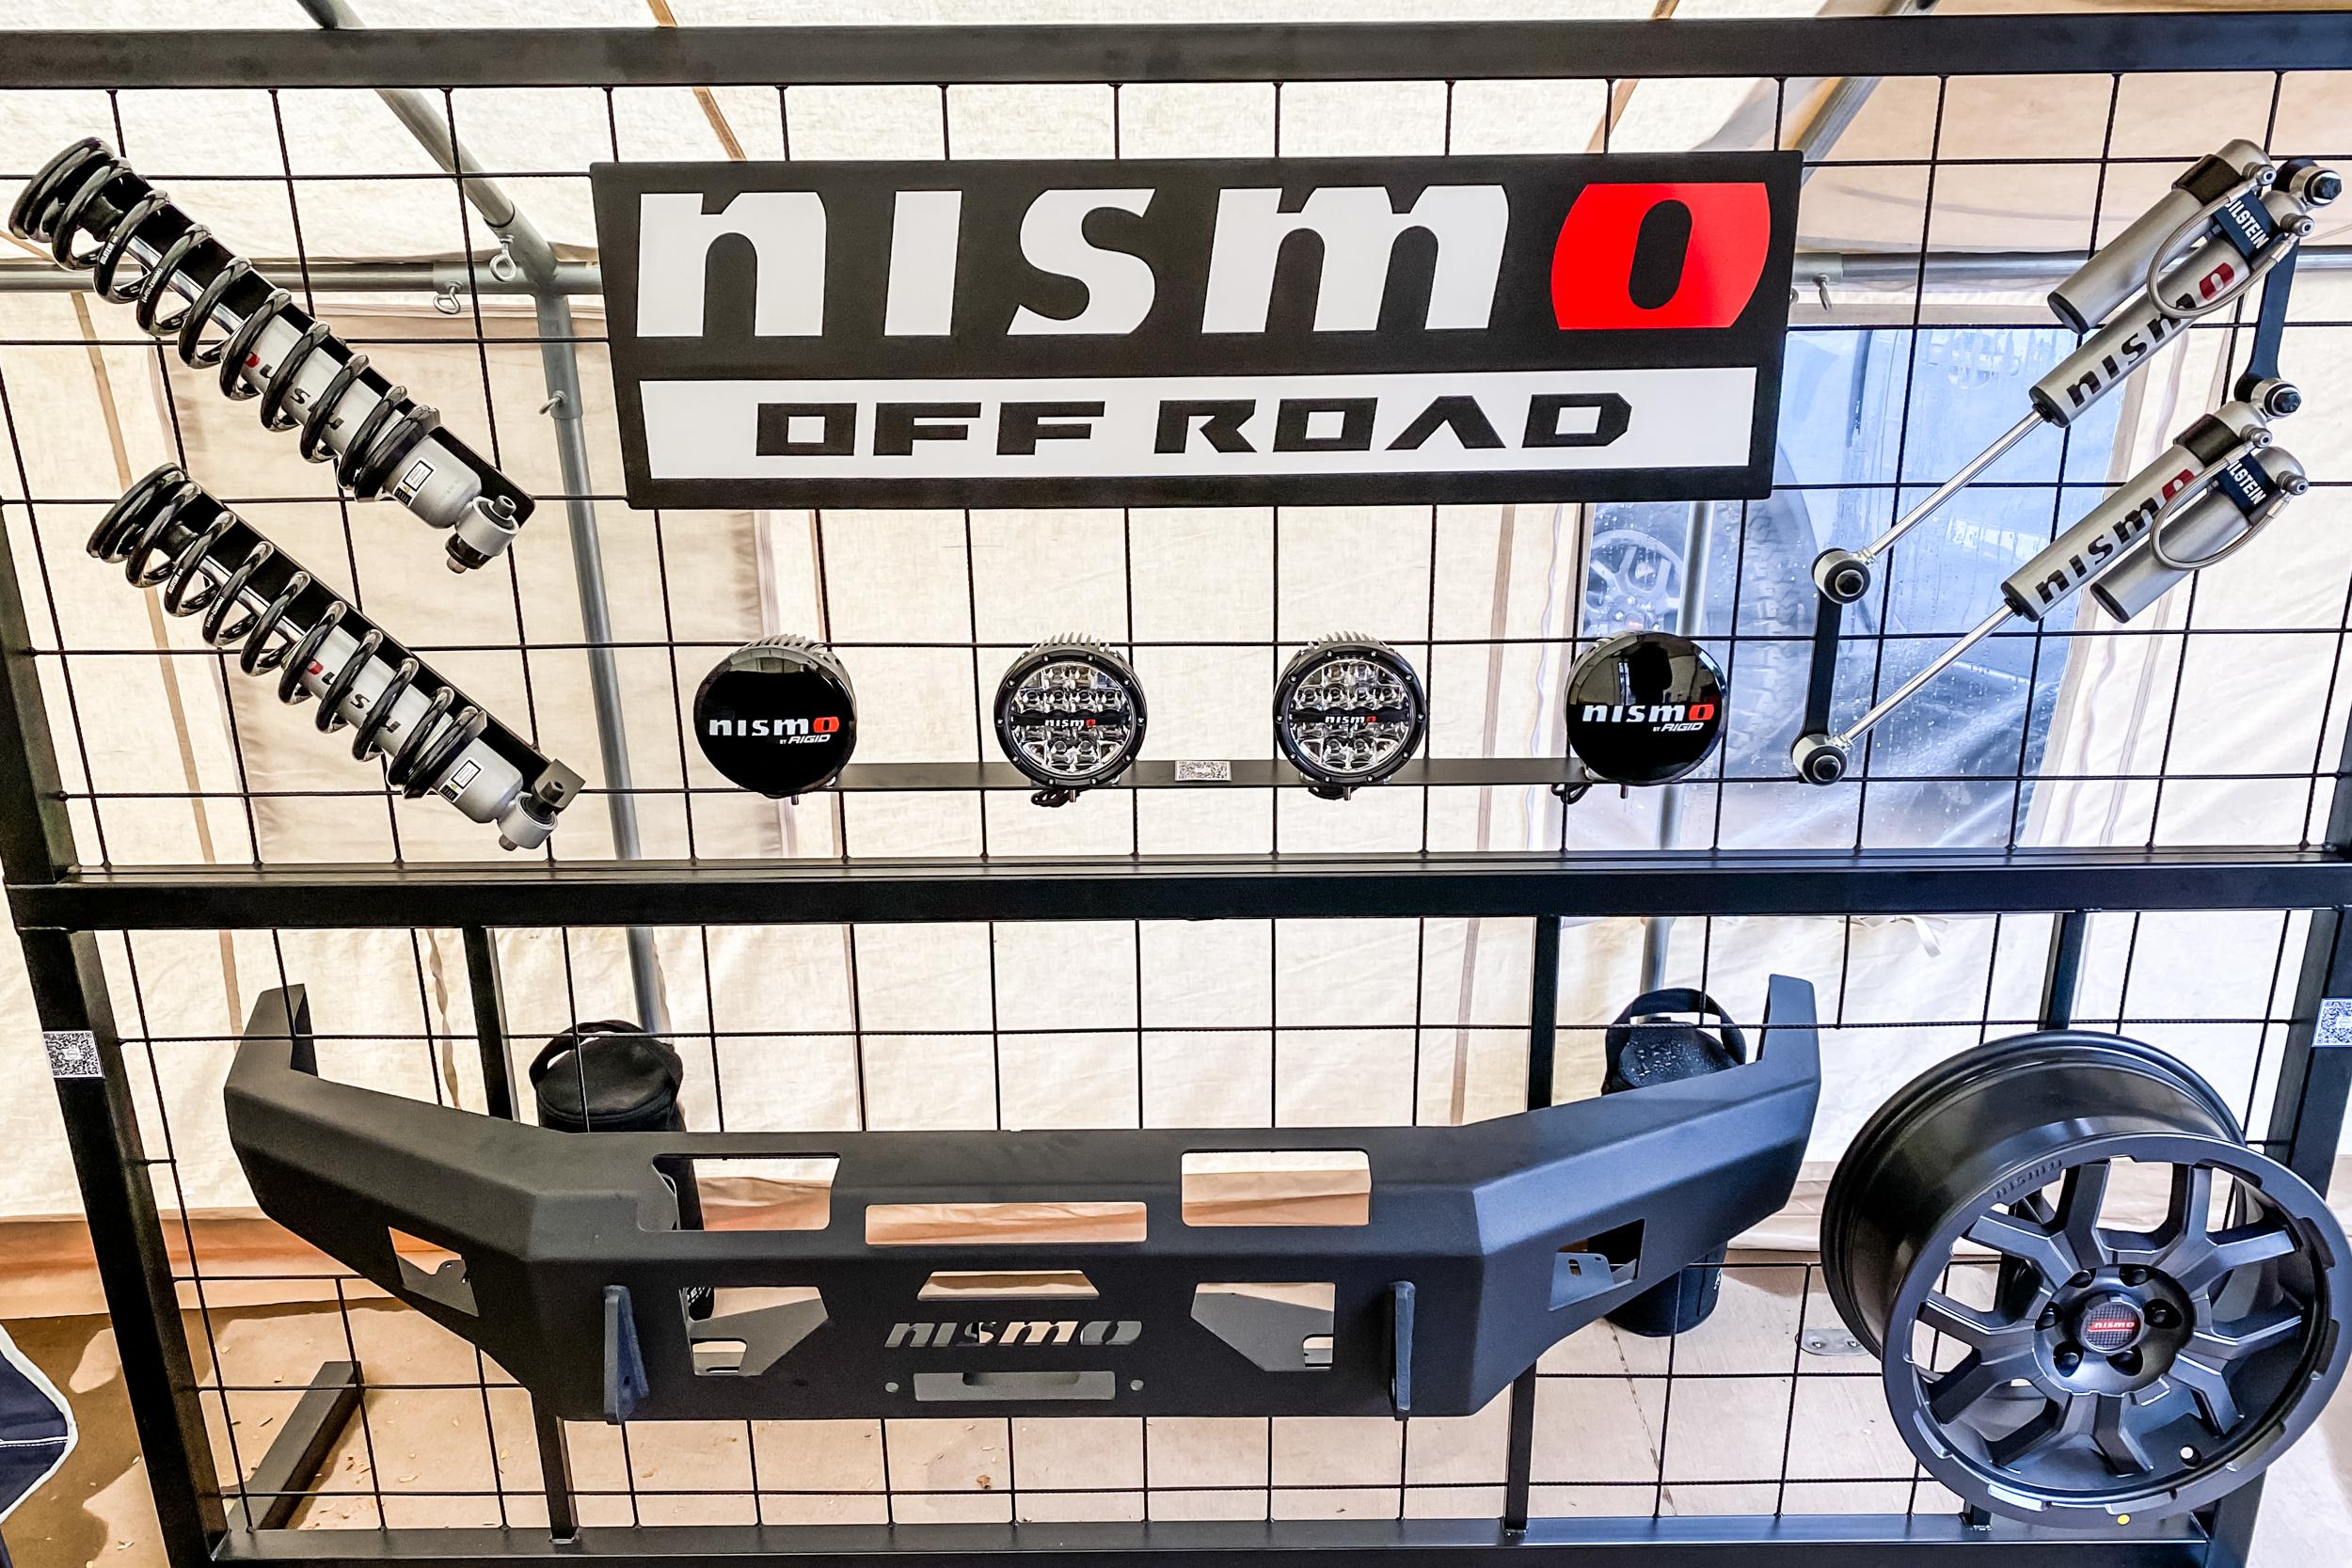 NISMO Off Road parts